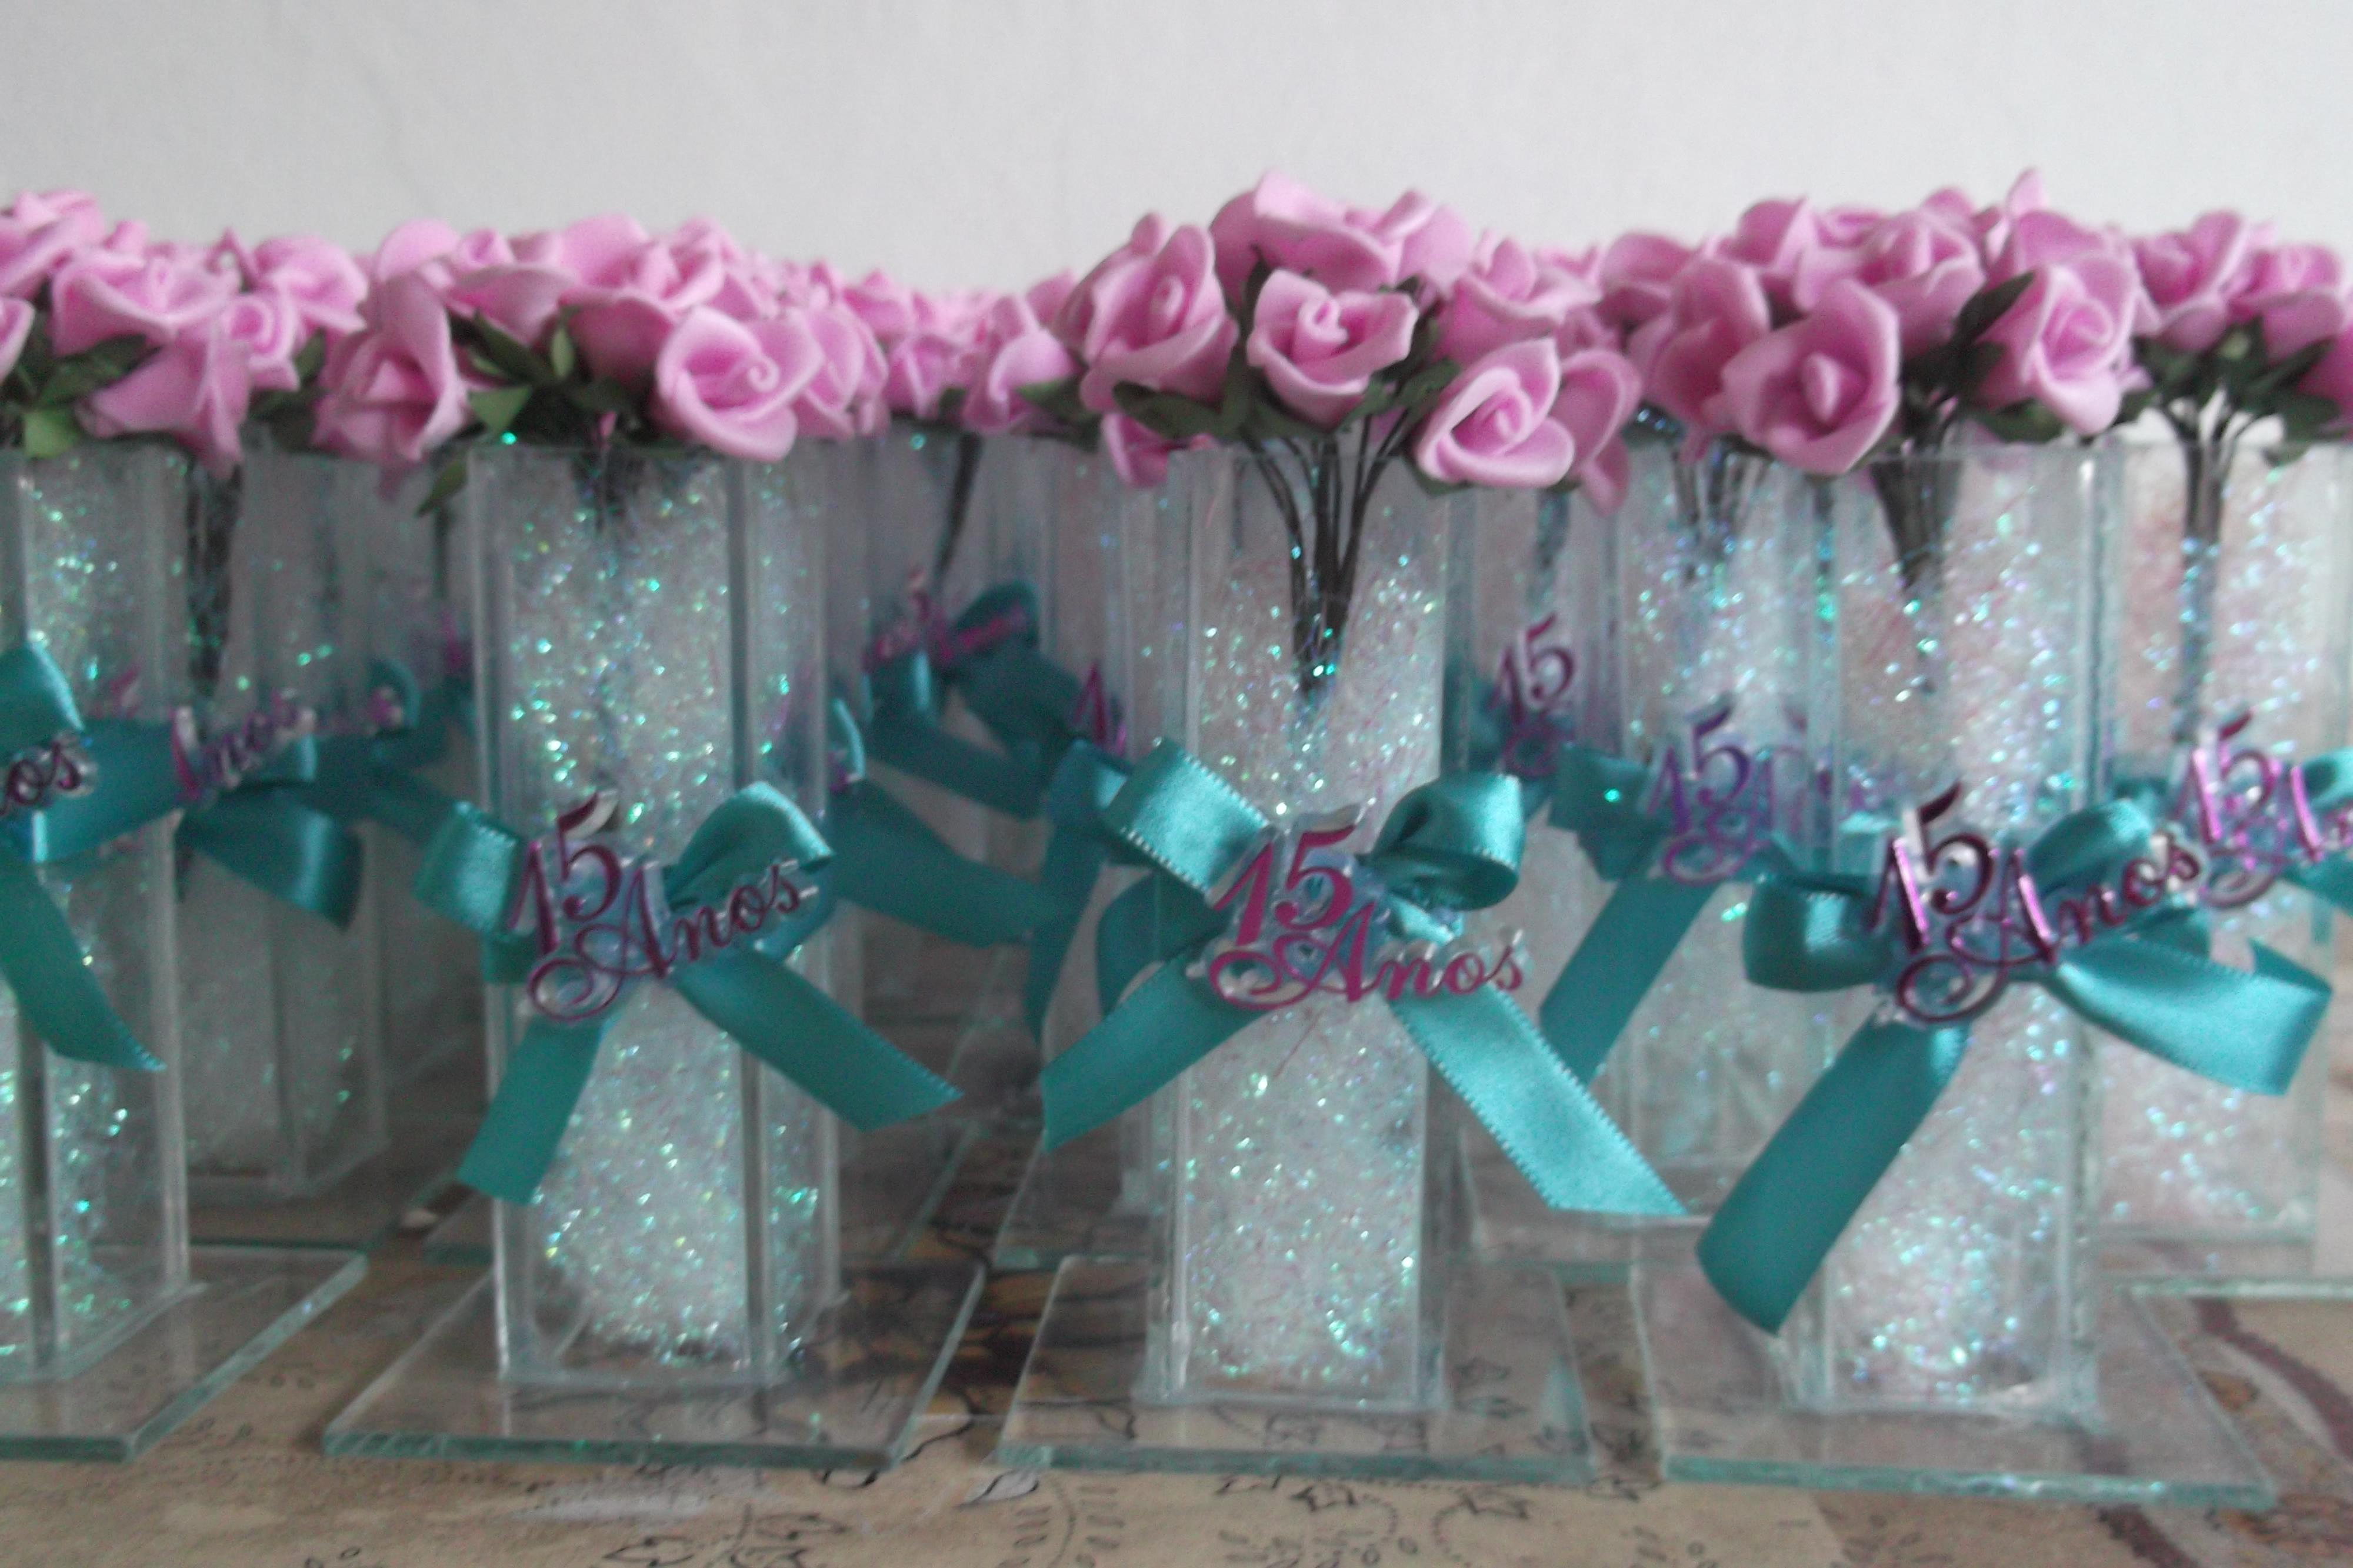 Centros mesa para boda anosbaby shower bfn mlm car for Mesa centro